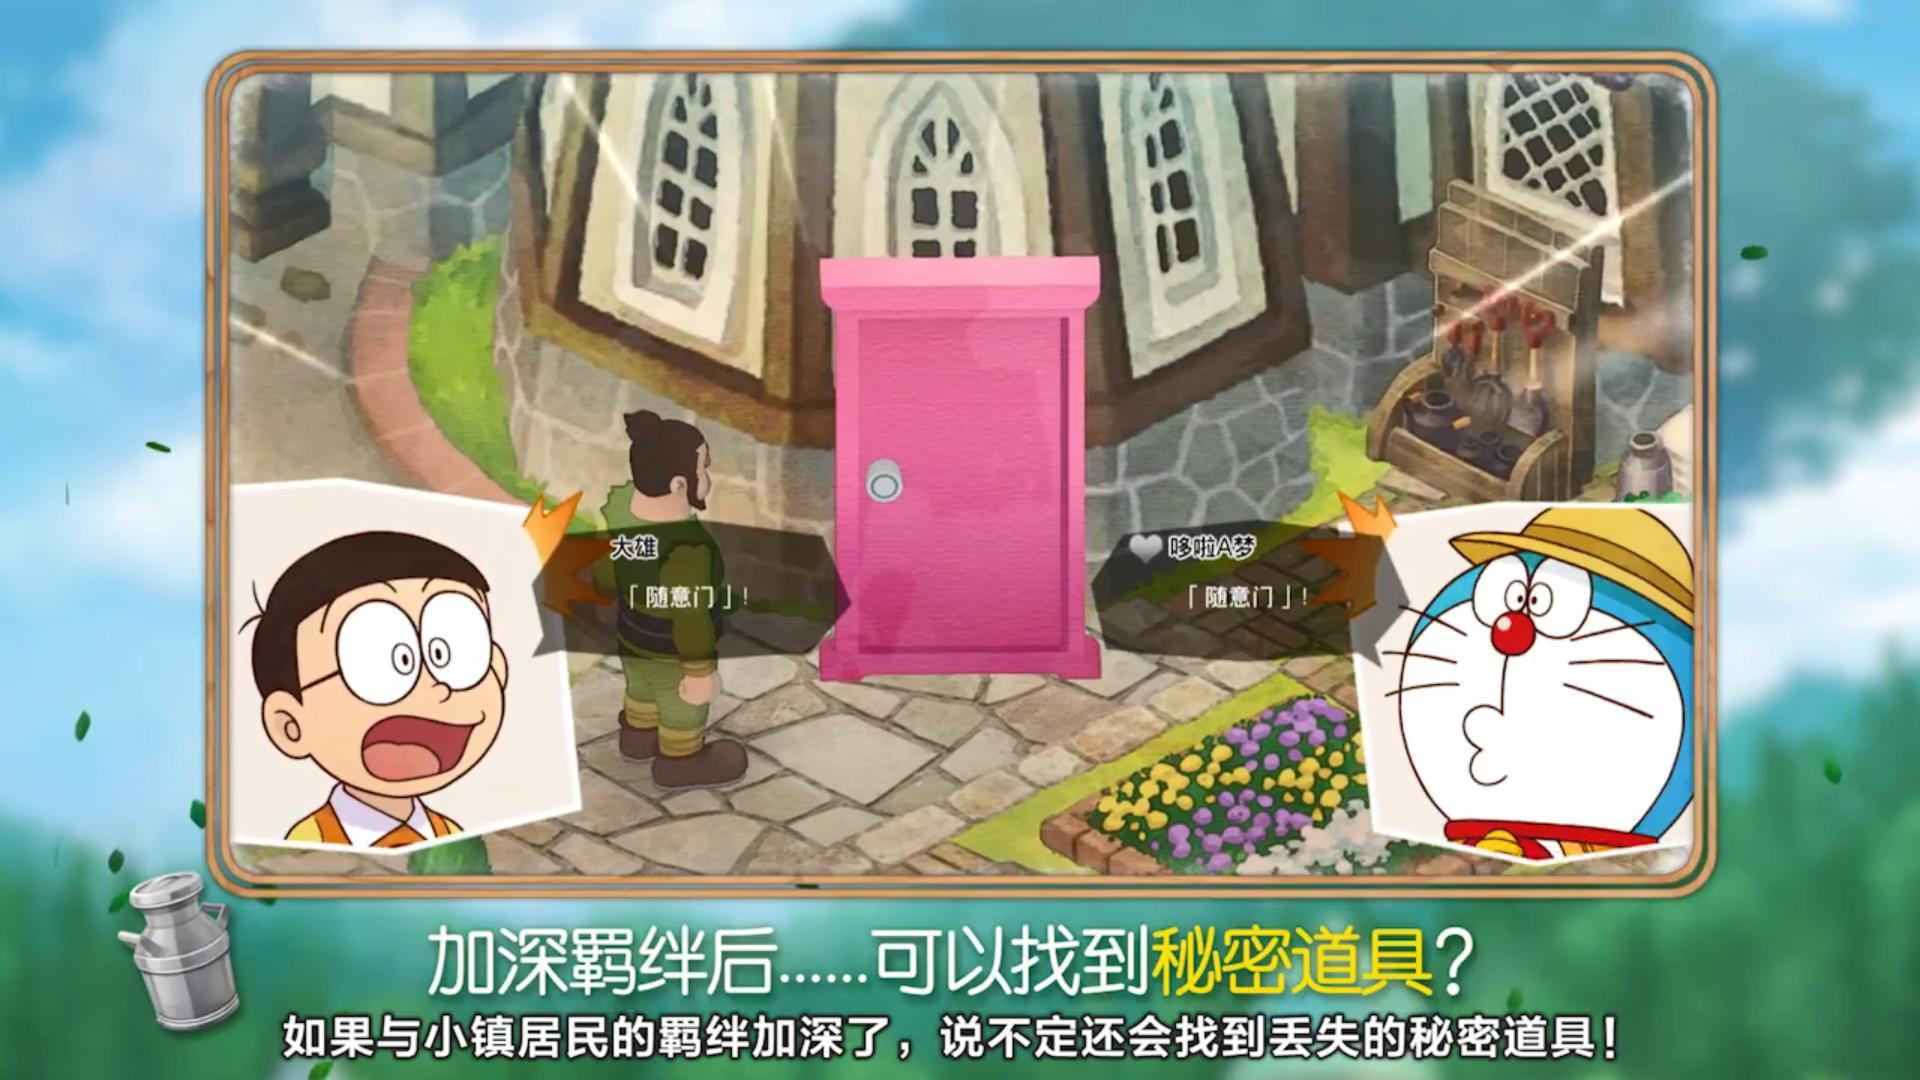 国行Switch《哆啦A梦牧场物语》预售开启 9月30日发售